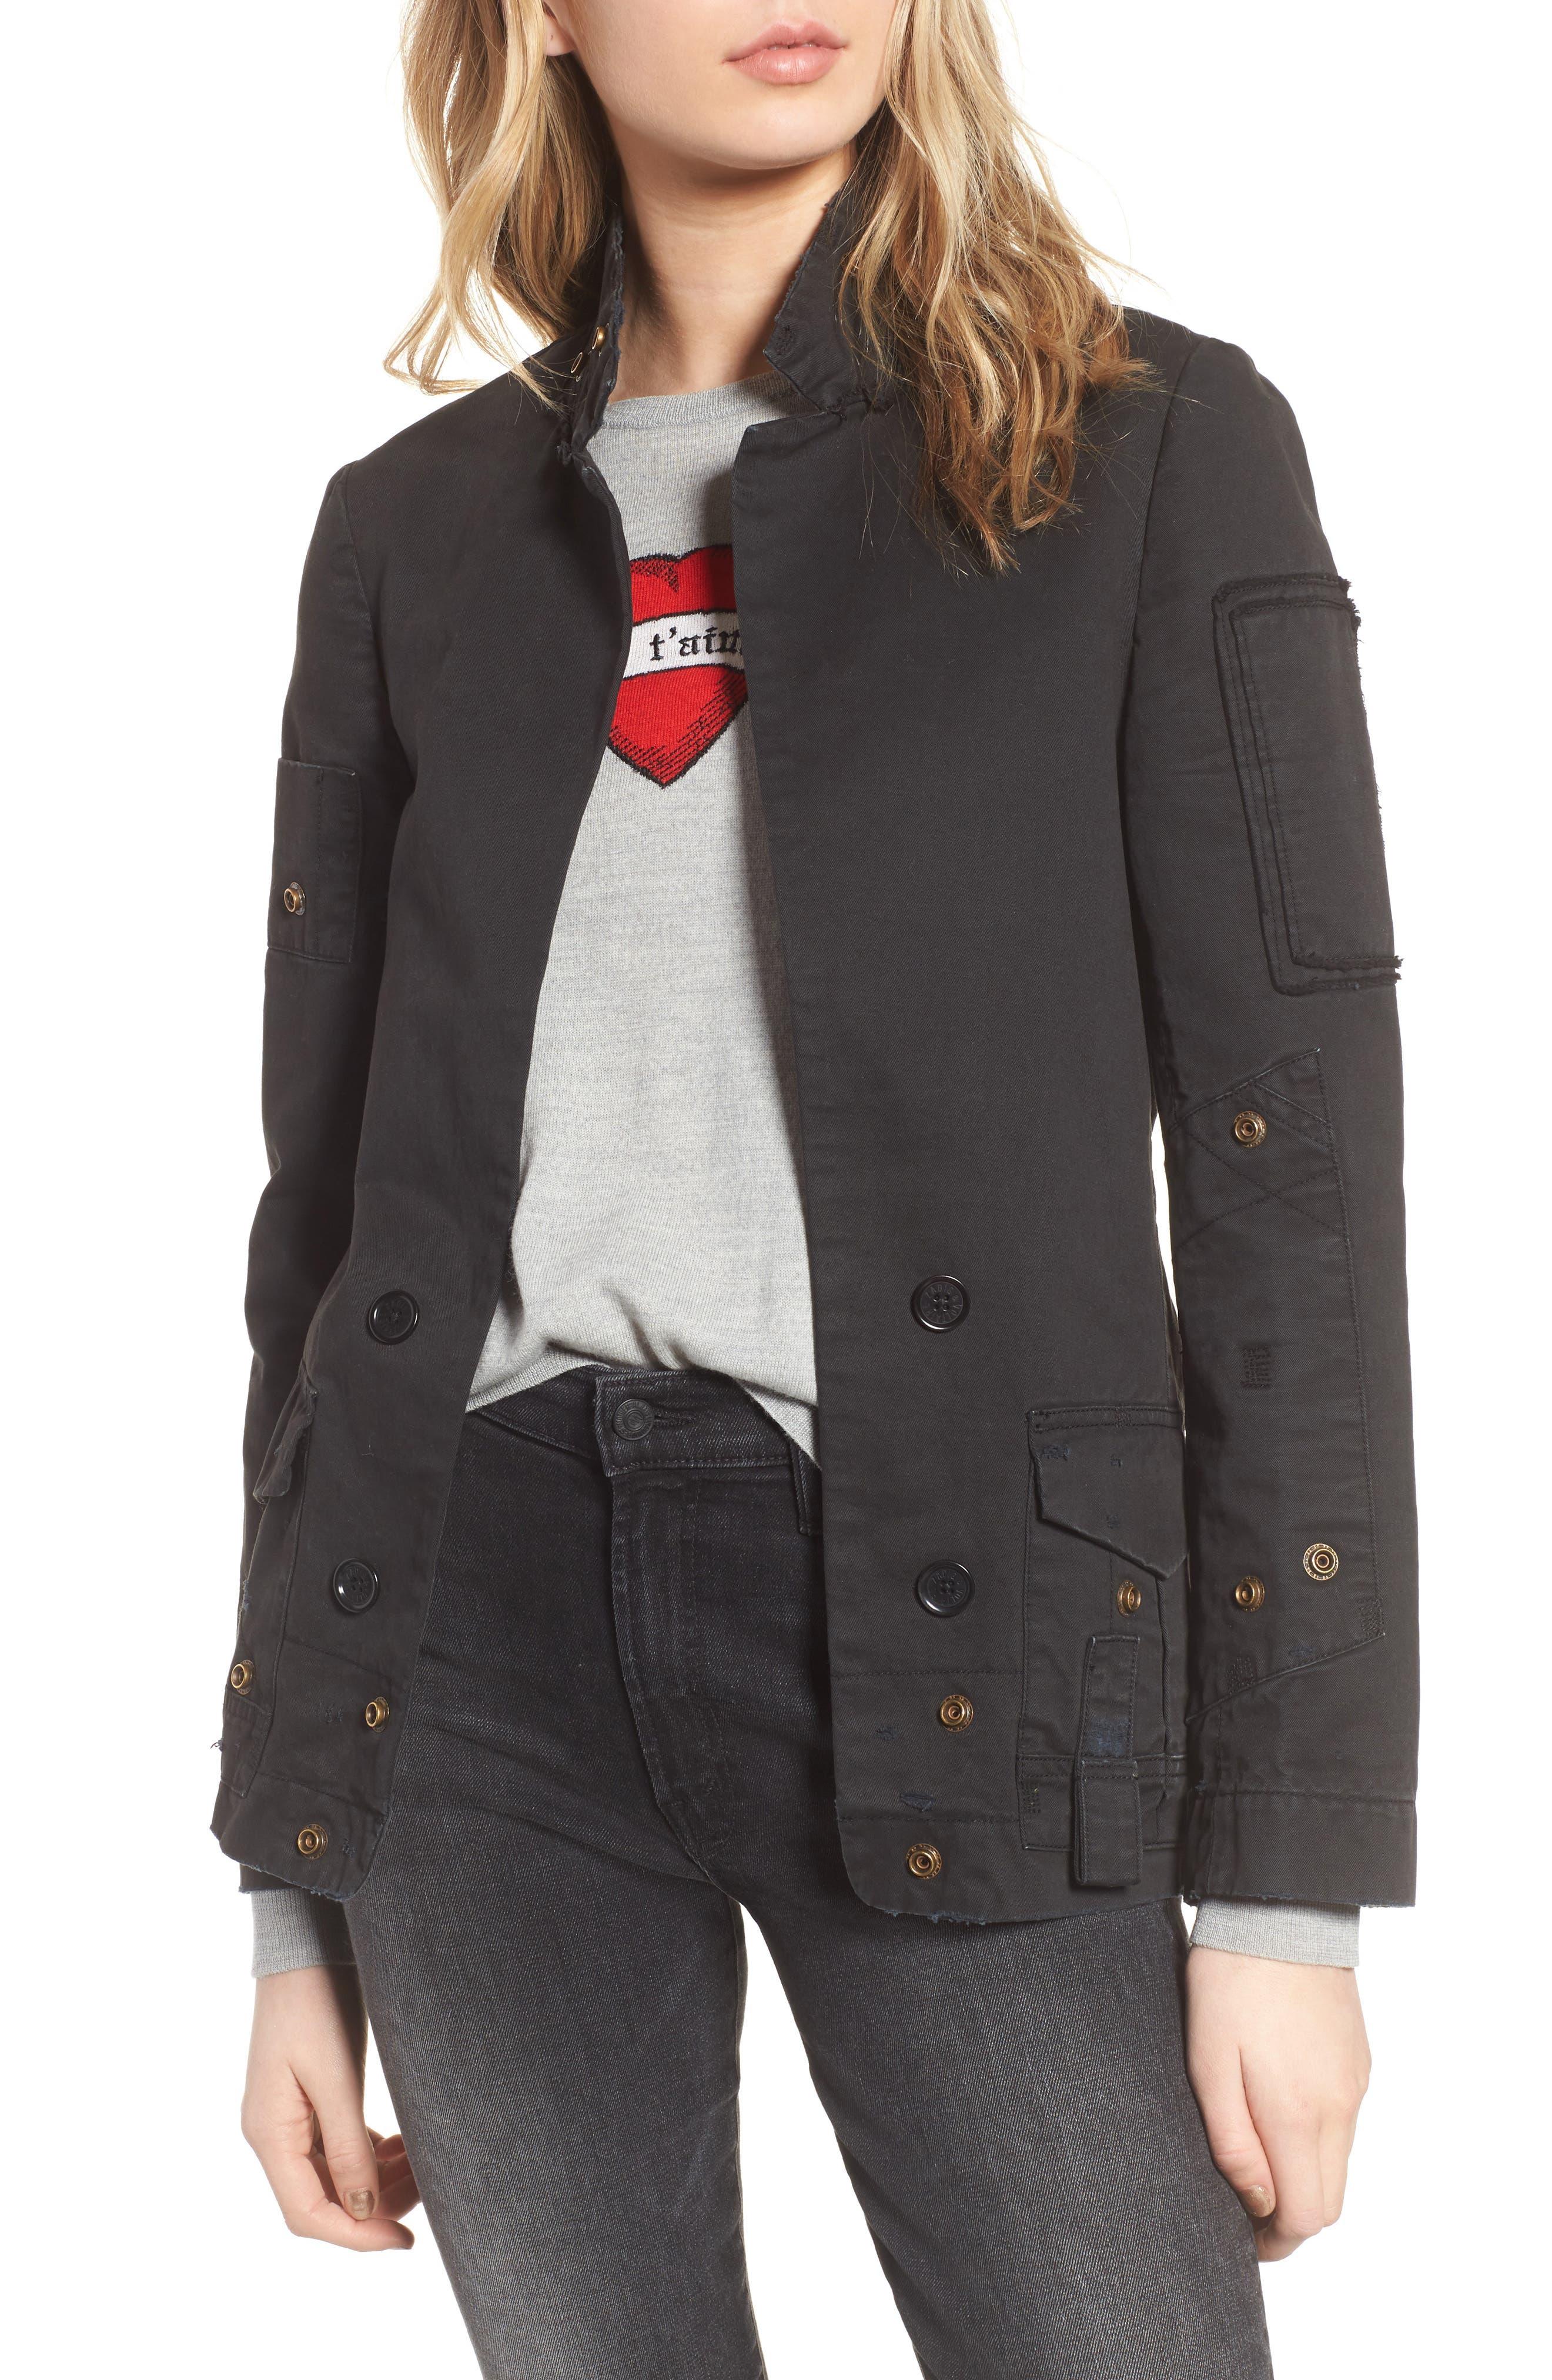 Vladimir Grunge Jacket,                         Main,                         color, Black